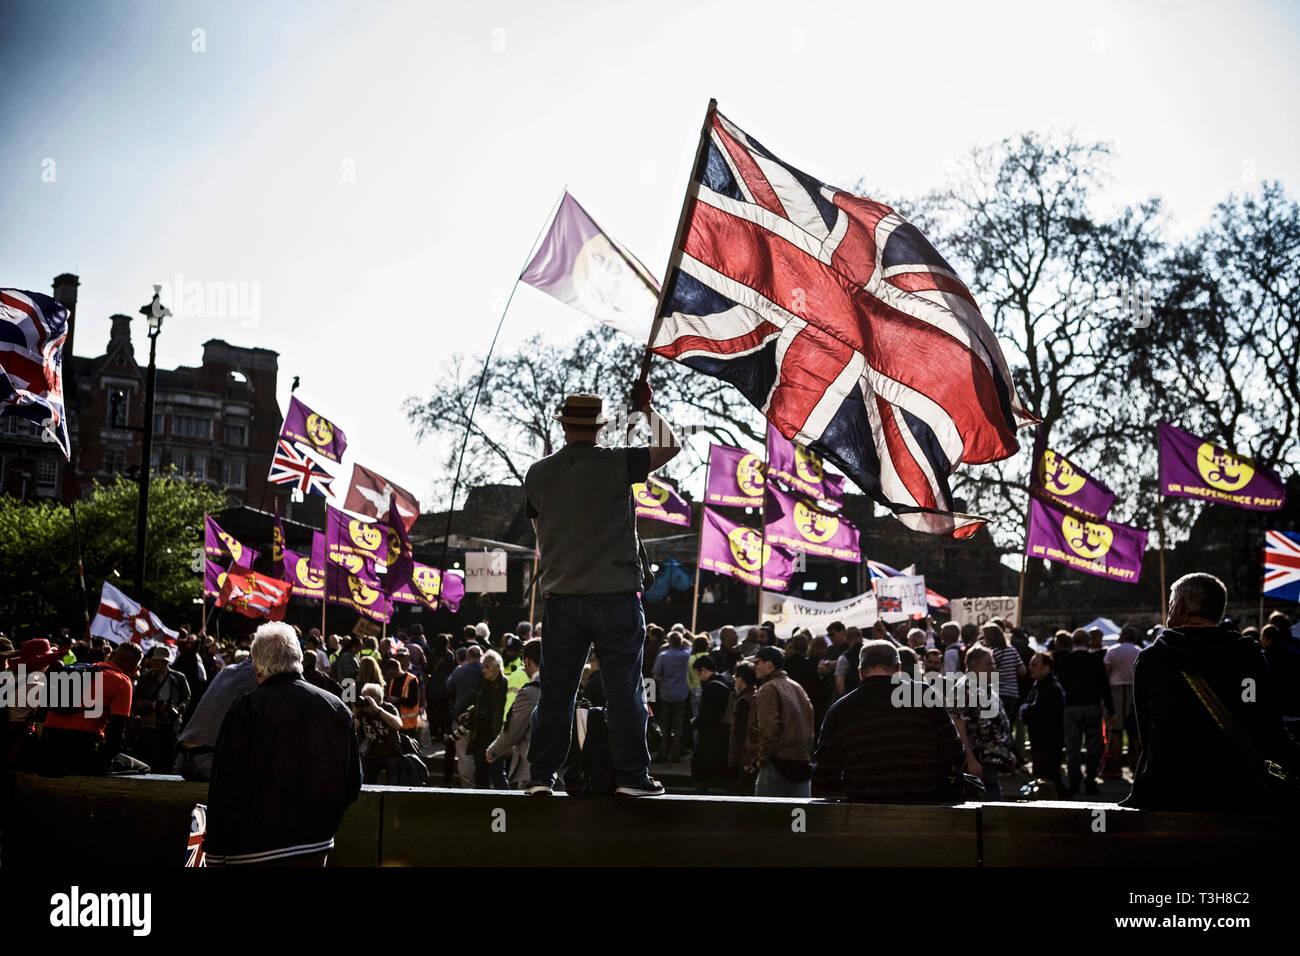 Politische Kundgebung uk/Politik uk/politischen Protest - demonstrant im Besitz einer Flagge auf einem ruhigen März pro Brexit Rallye am 29. März, Brexit Tag 2019 Stockbild